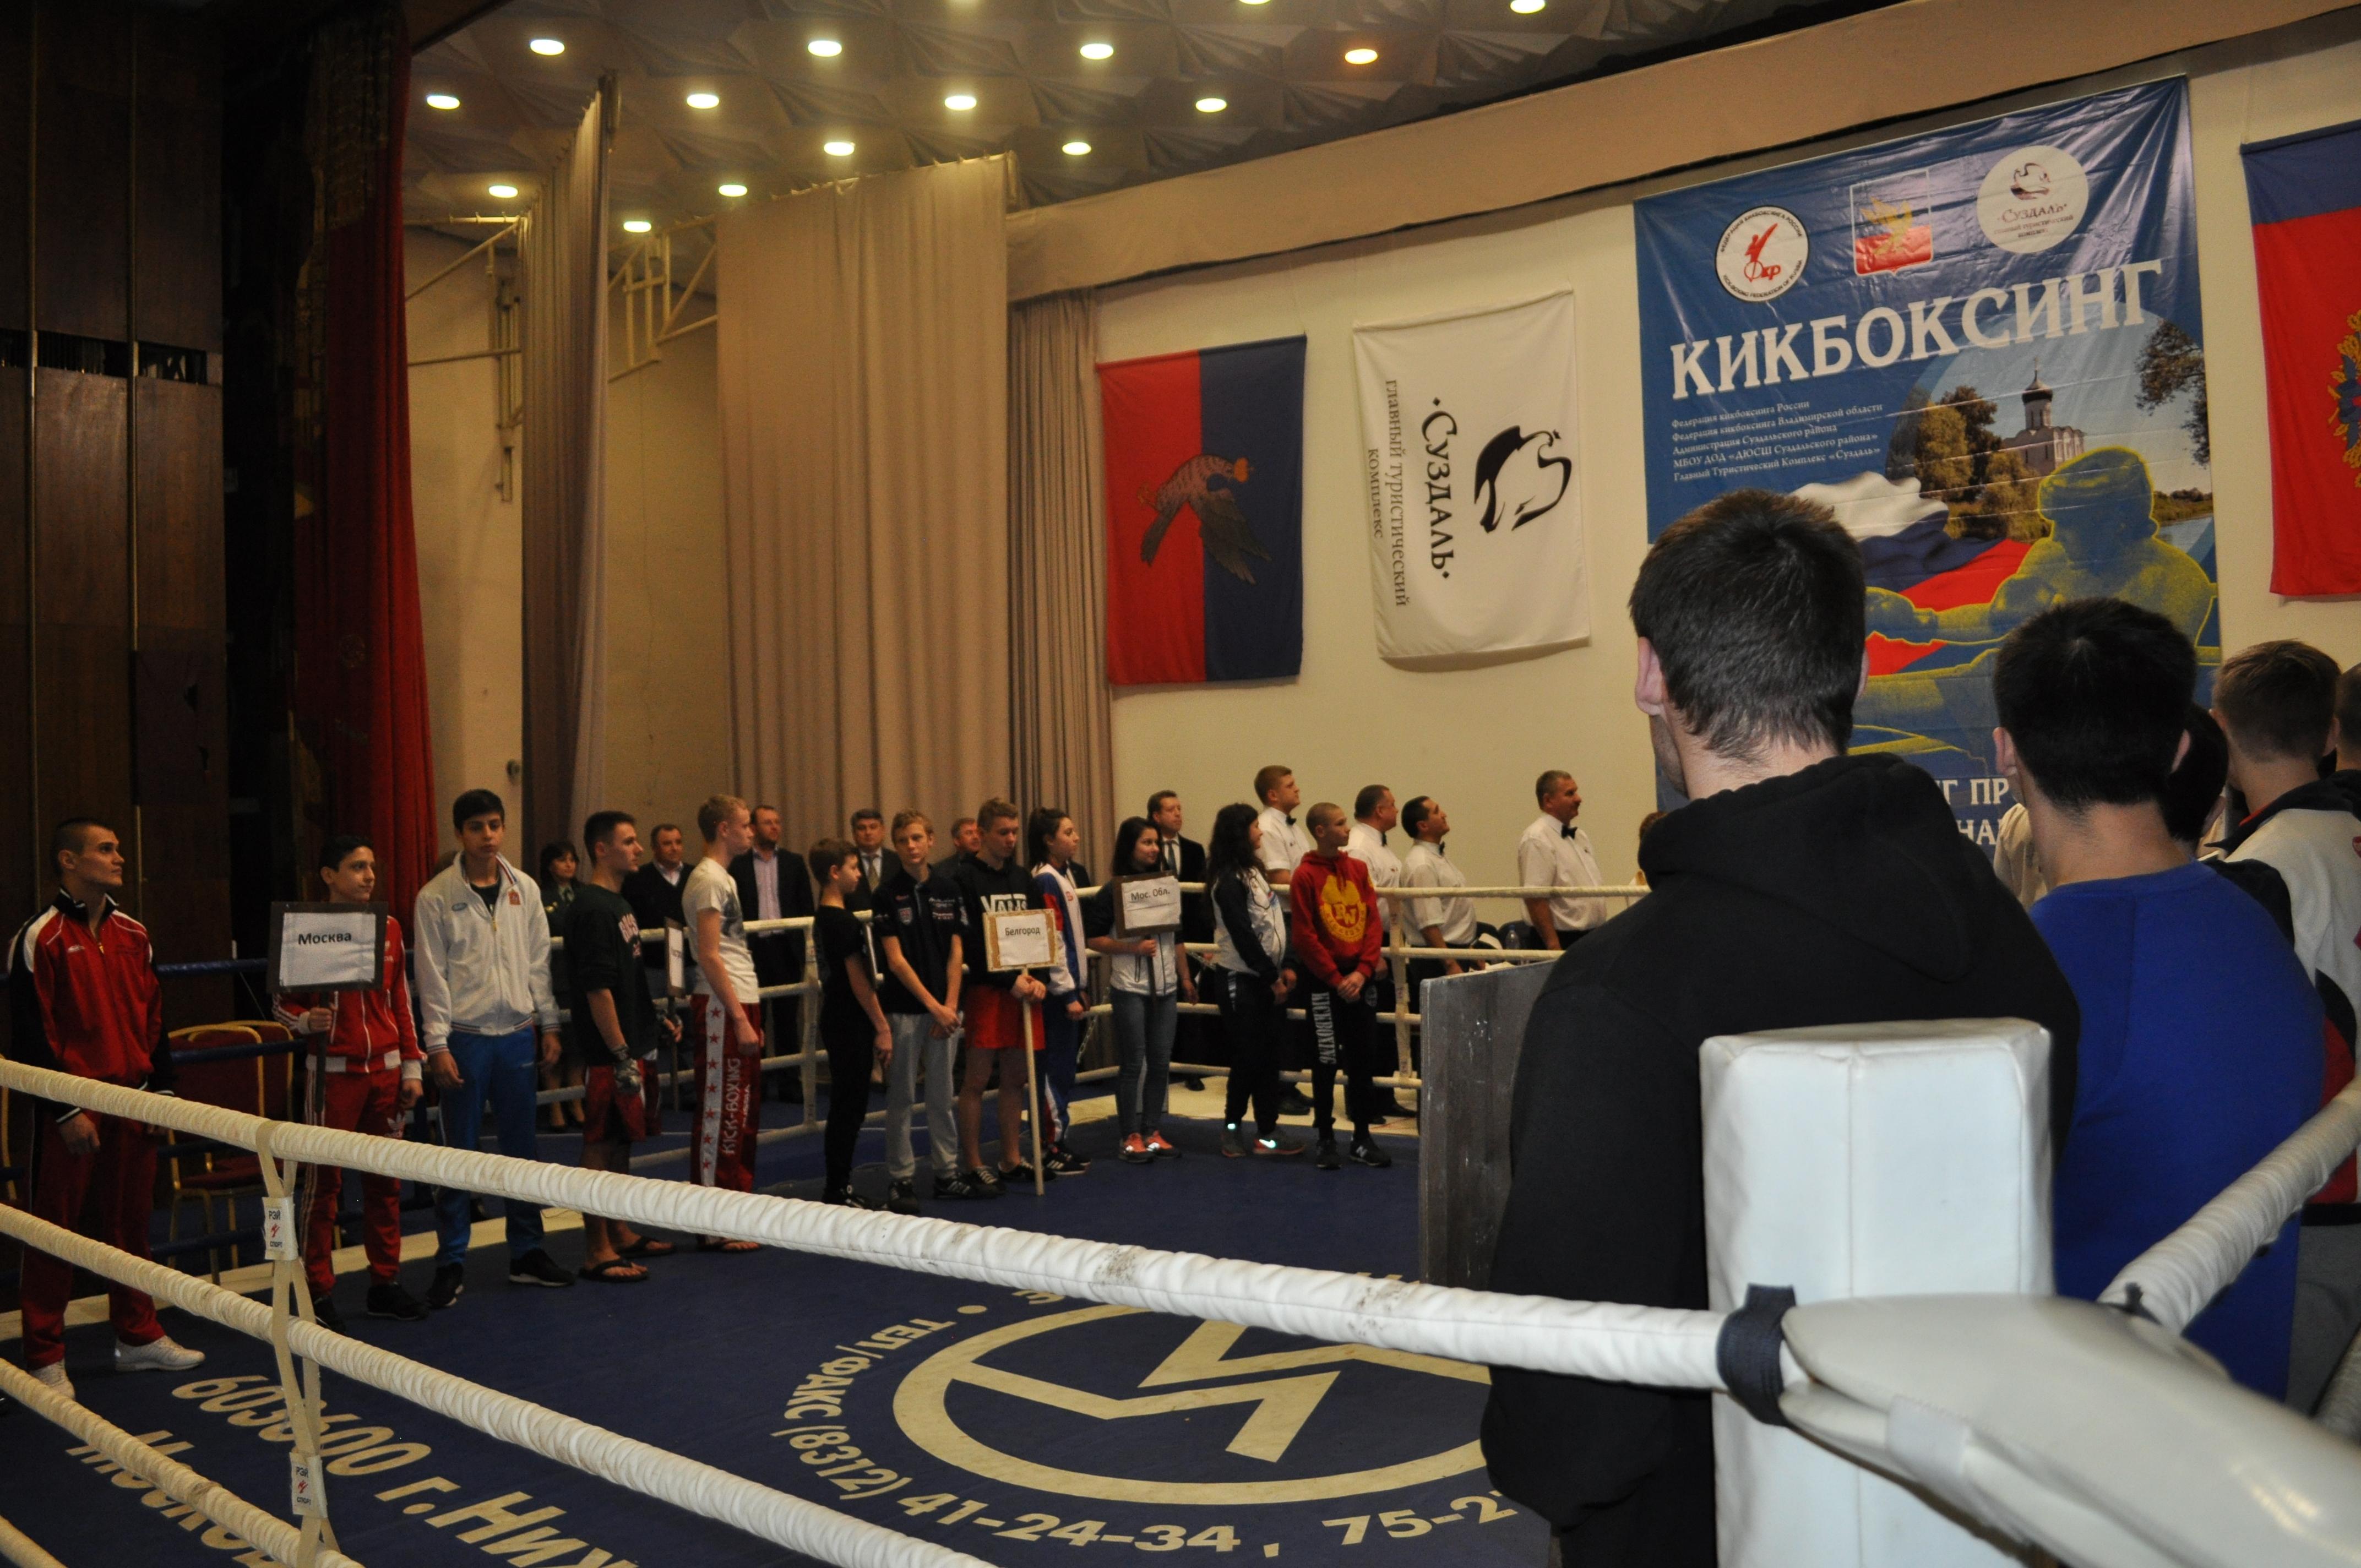 Всероссийский турнир по кикбоксингу в Суздале